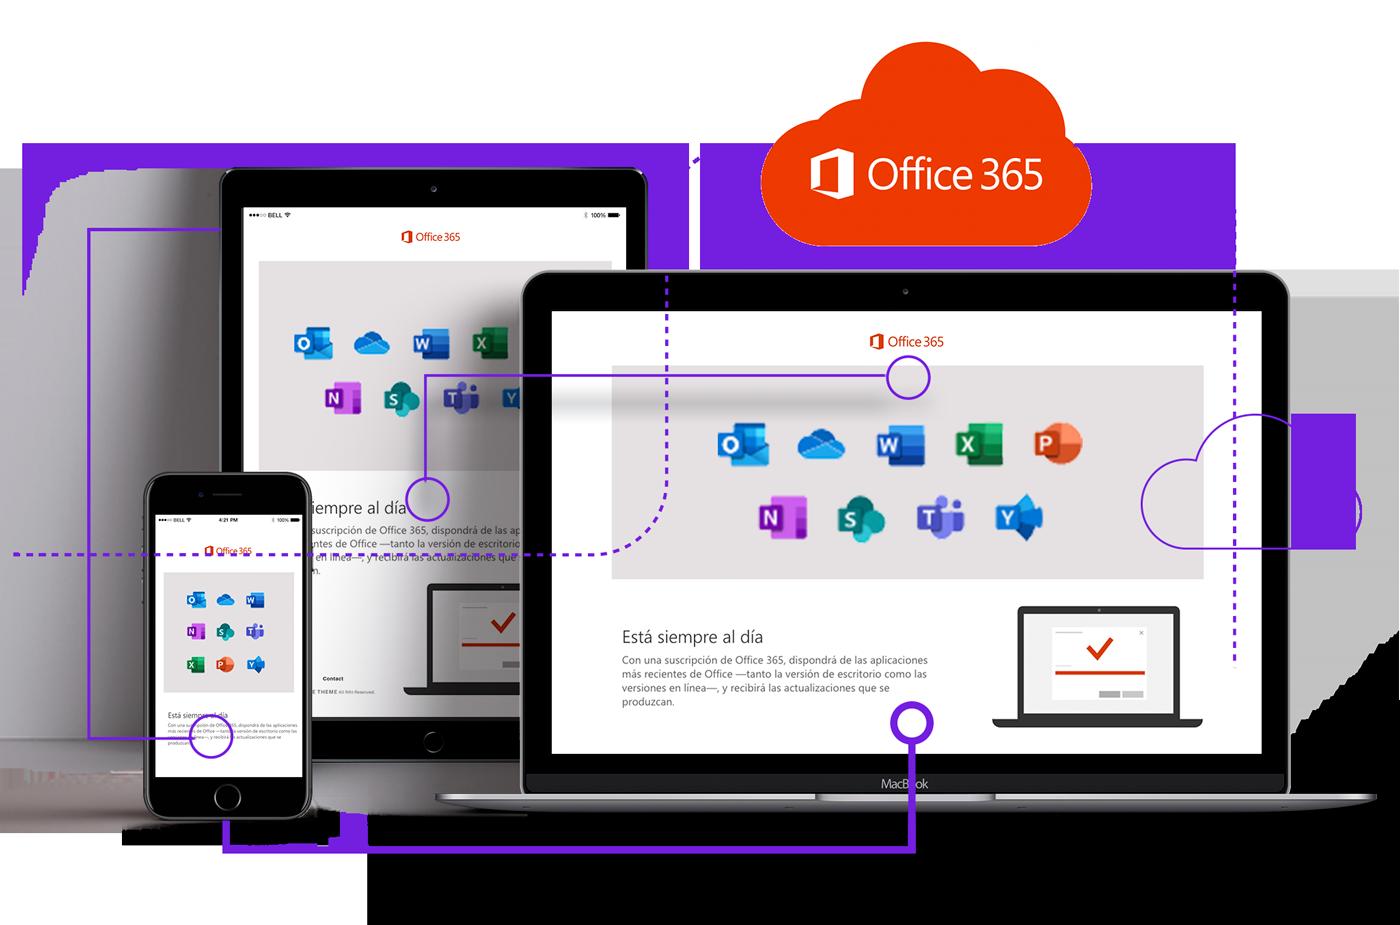 Soluciones de negocio - Microsoft Office 365